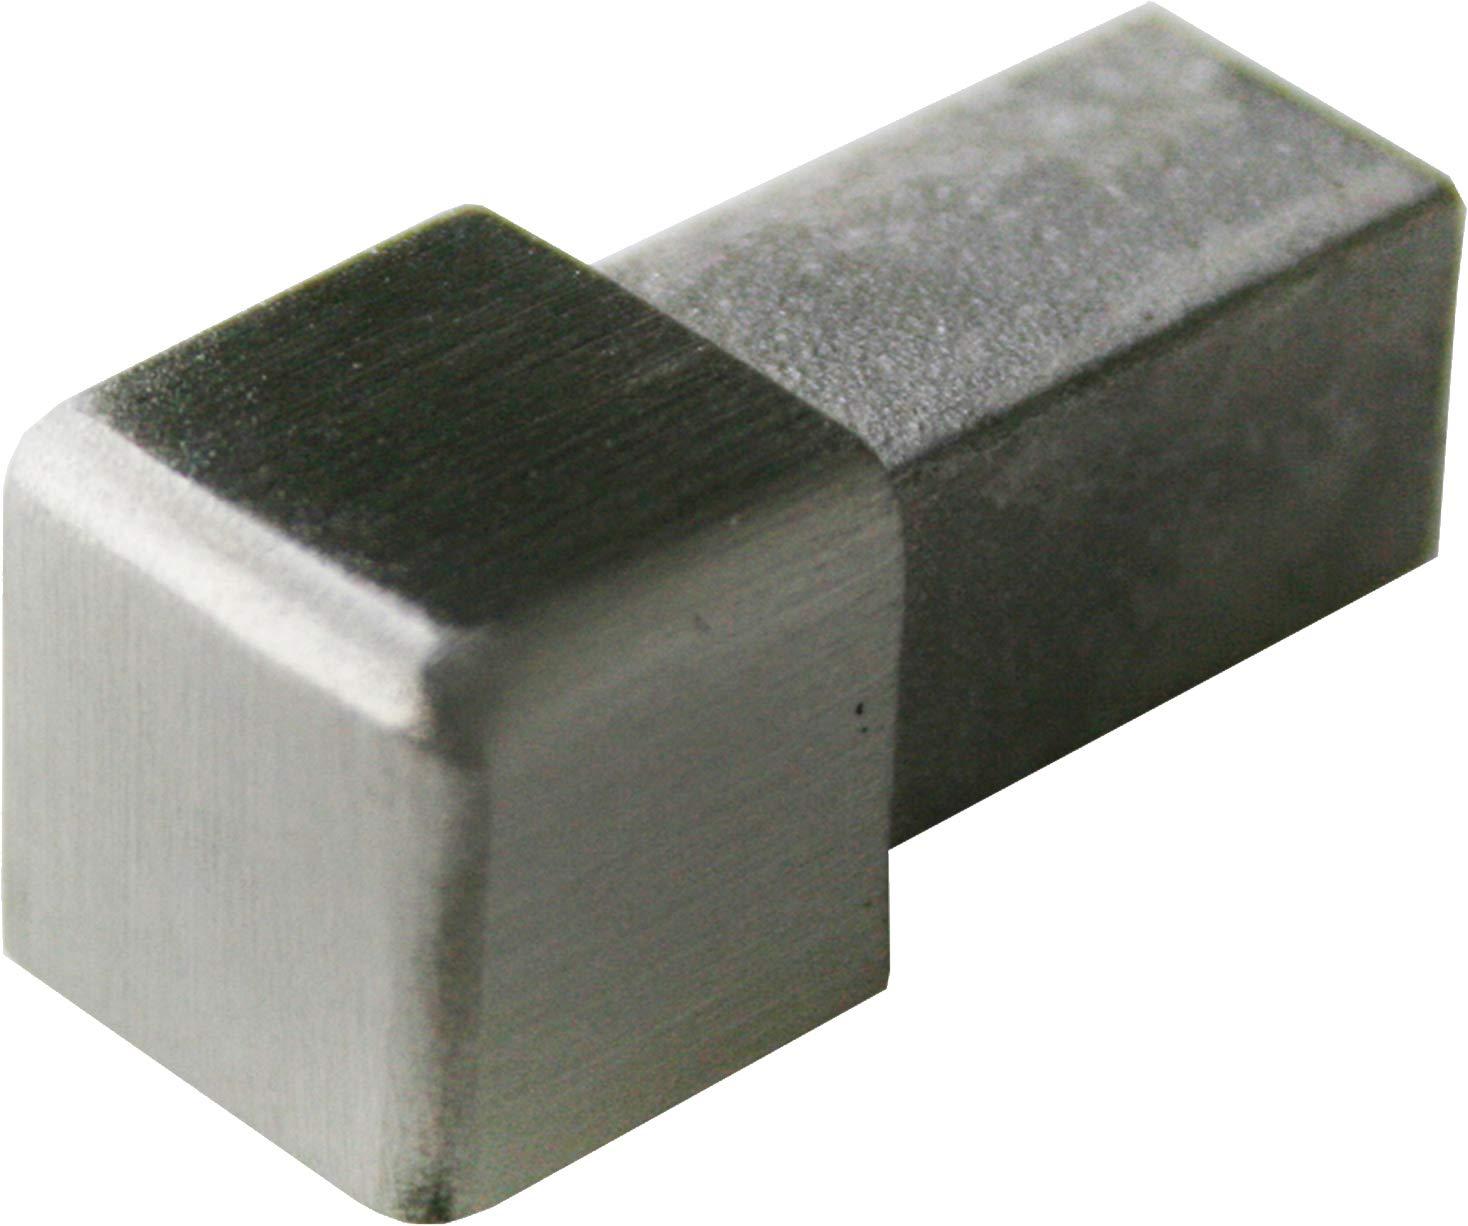 2,5 METRO materiale 1mm Altezza: 12,5mm PREMIO profili per pavimenti quadro acciaio inox V2A satinate non /è possibile torcersi profili 250cm